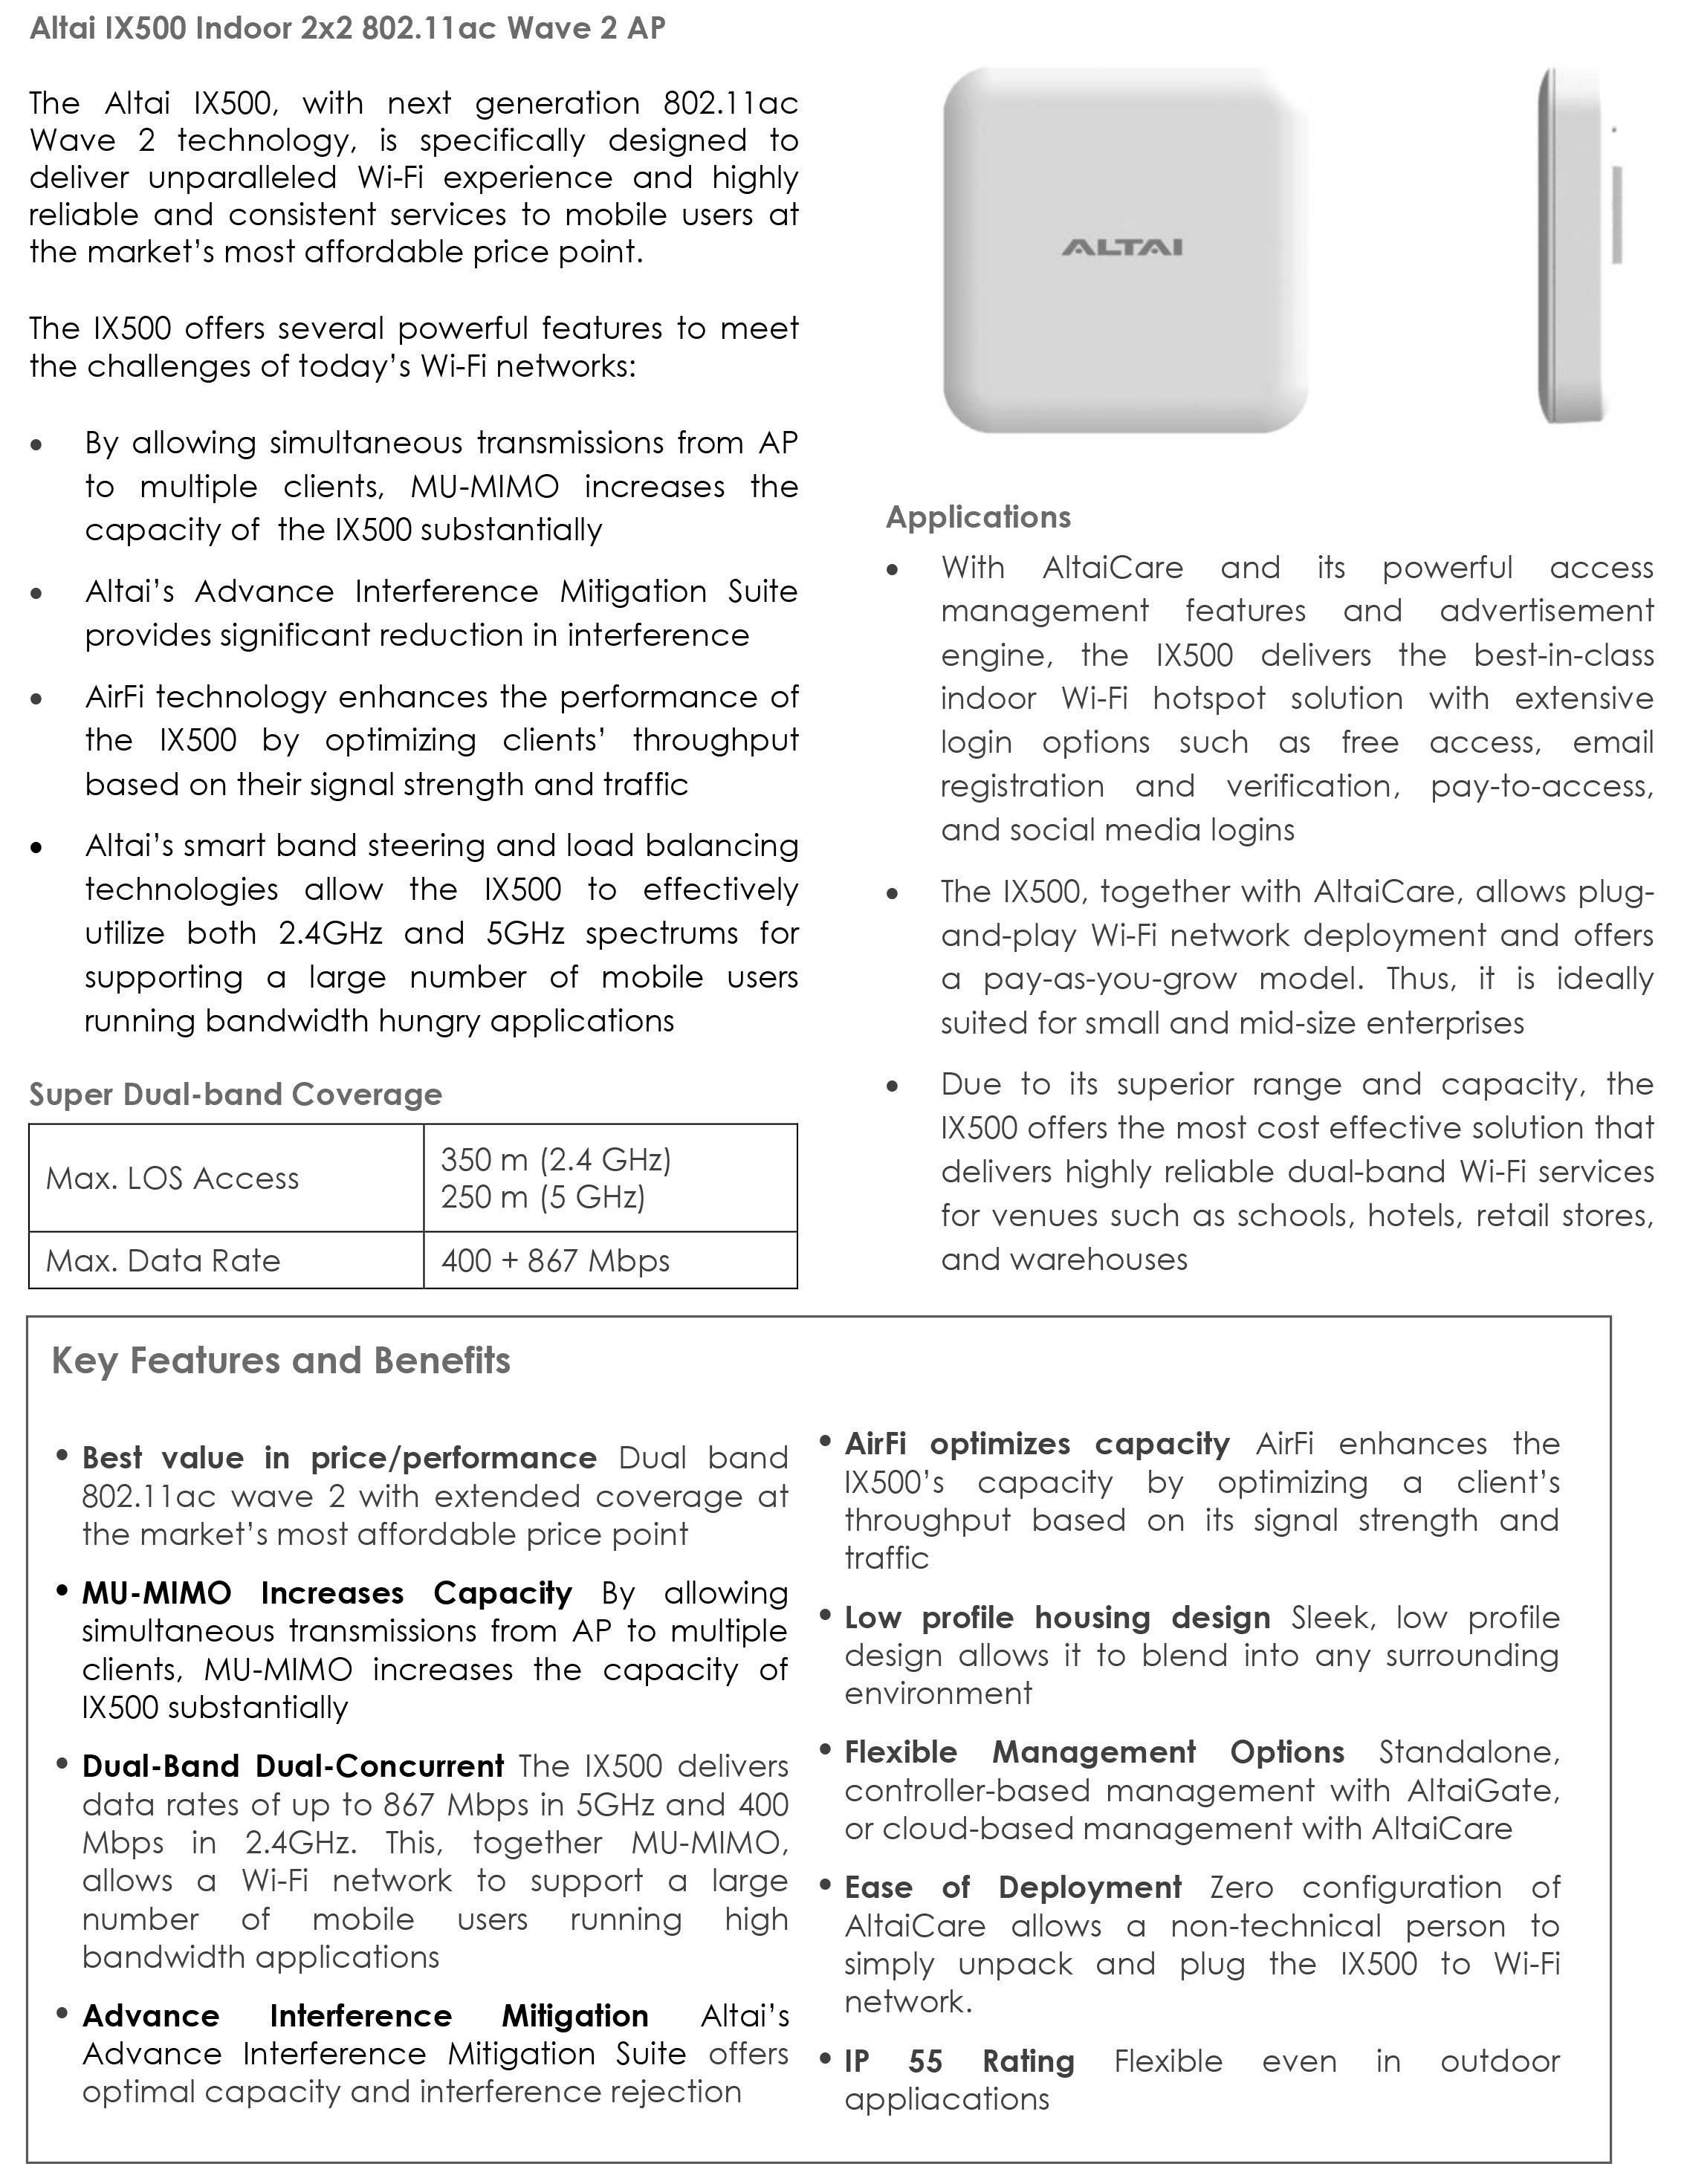 Altai IX500 Indoor 2×2 802.11ac Wave 2 AP Datasheet 1